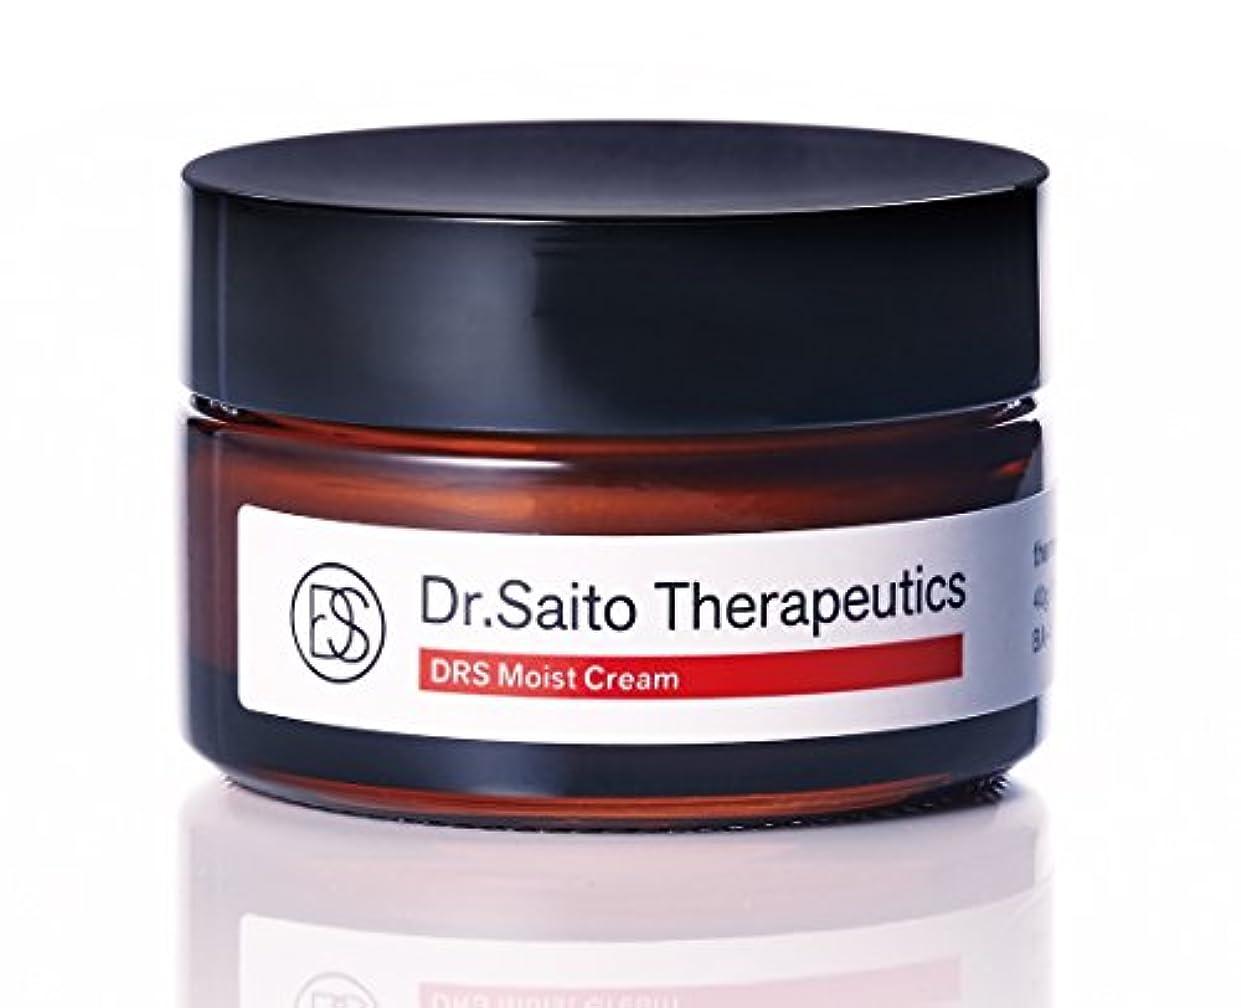 広い別々に別々に日本機能性医学研究所 Dr.Saito Therapeutics「DRS保湿クリーム」40g